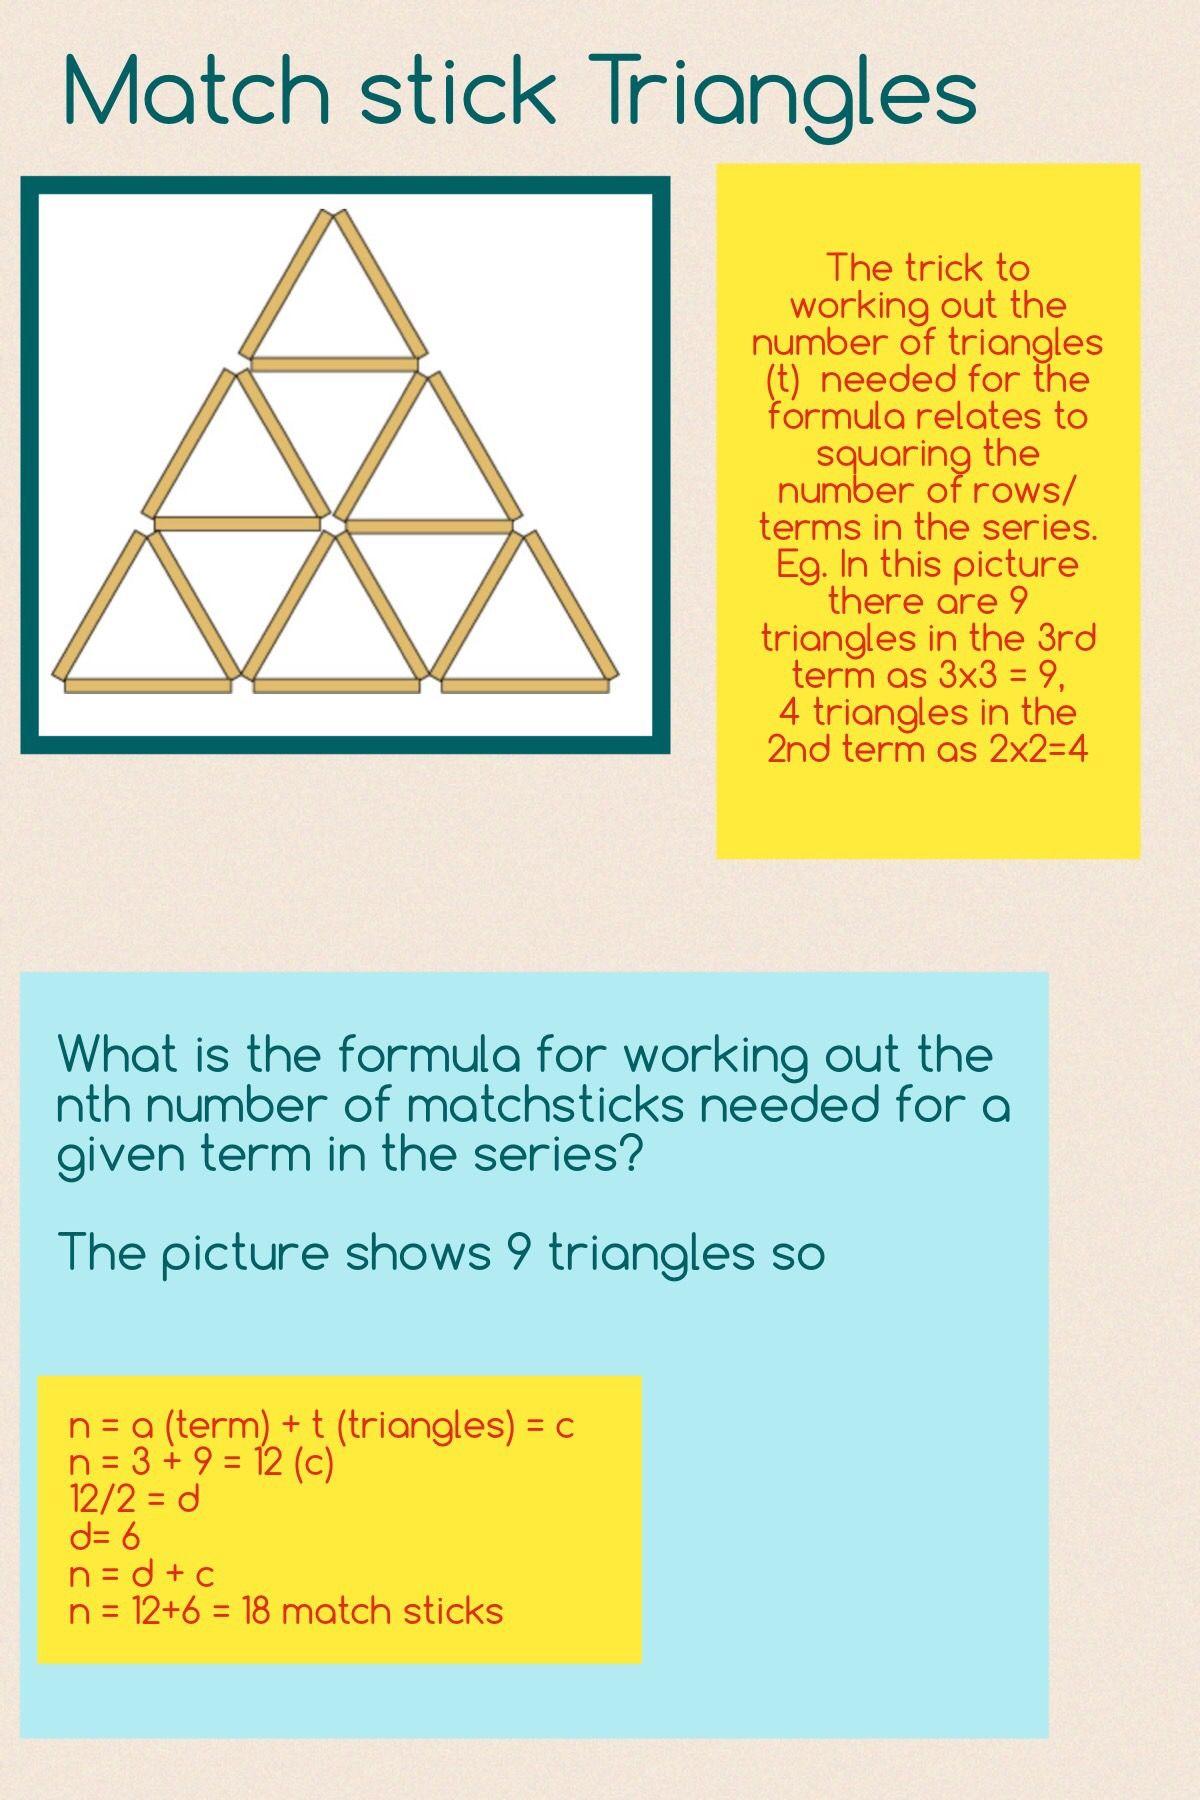 Match stick triangles / sticky triangles formula - Maths | Maths ...